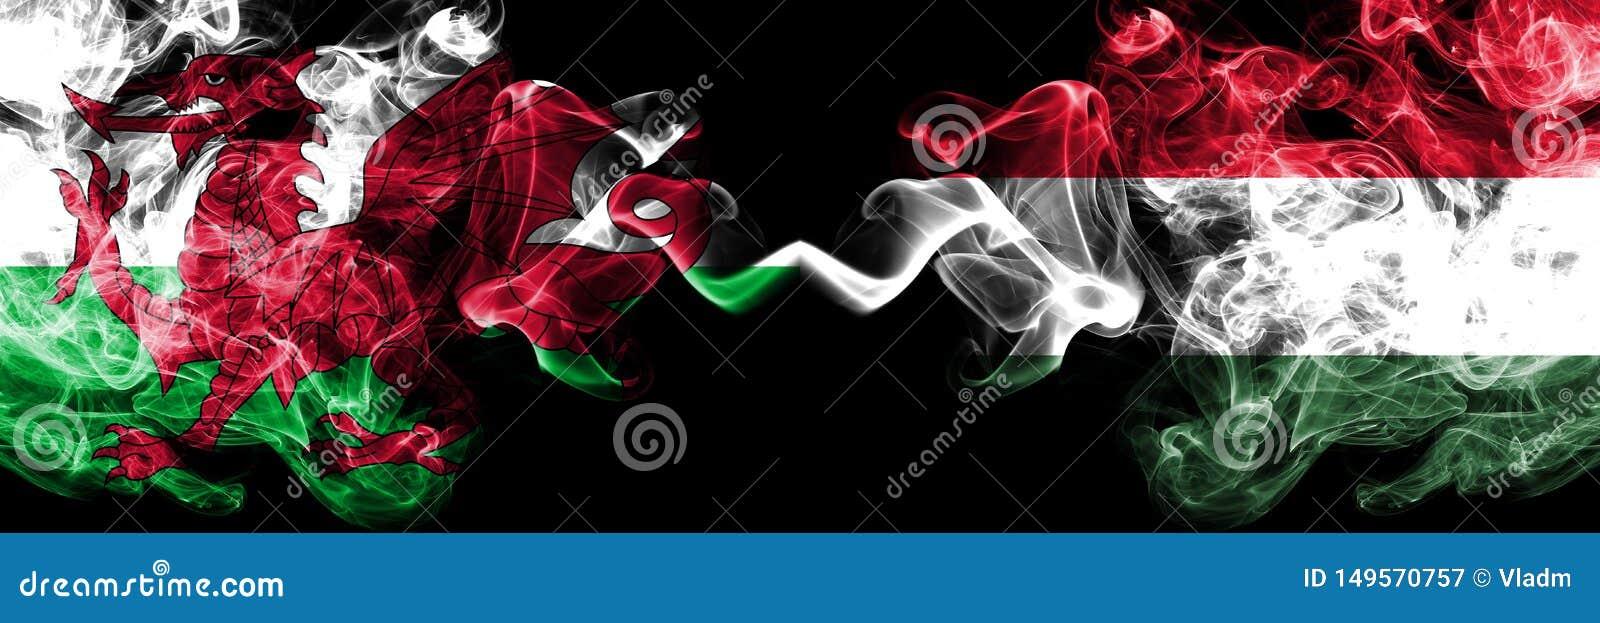 Wels Wales, Hongarije, Hongaarse de concurrentie dik kleurrijke rokerige vlaggen De Europese spelen van voetbalkwalificaties